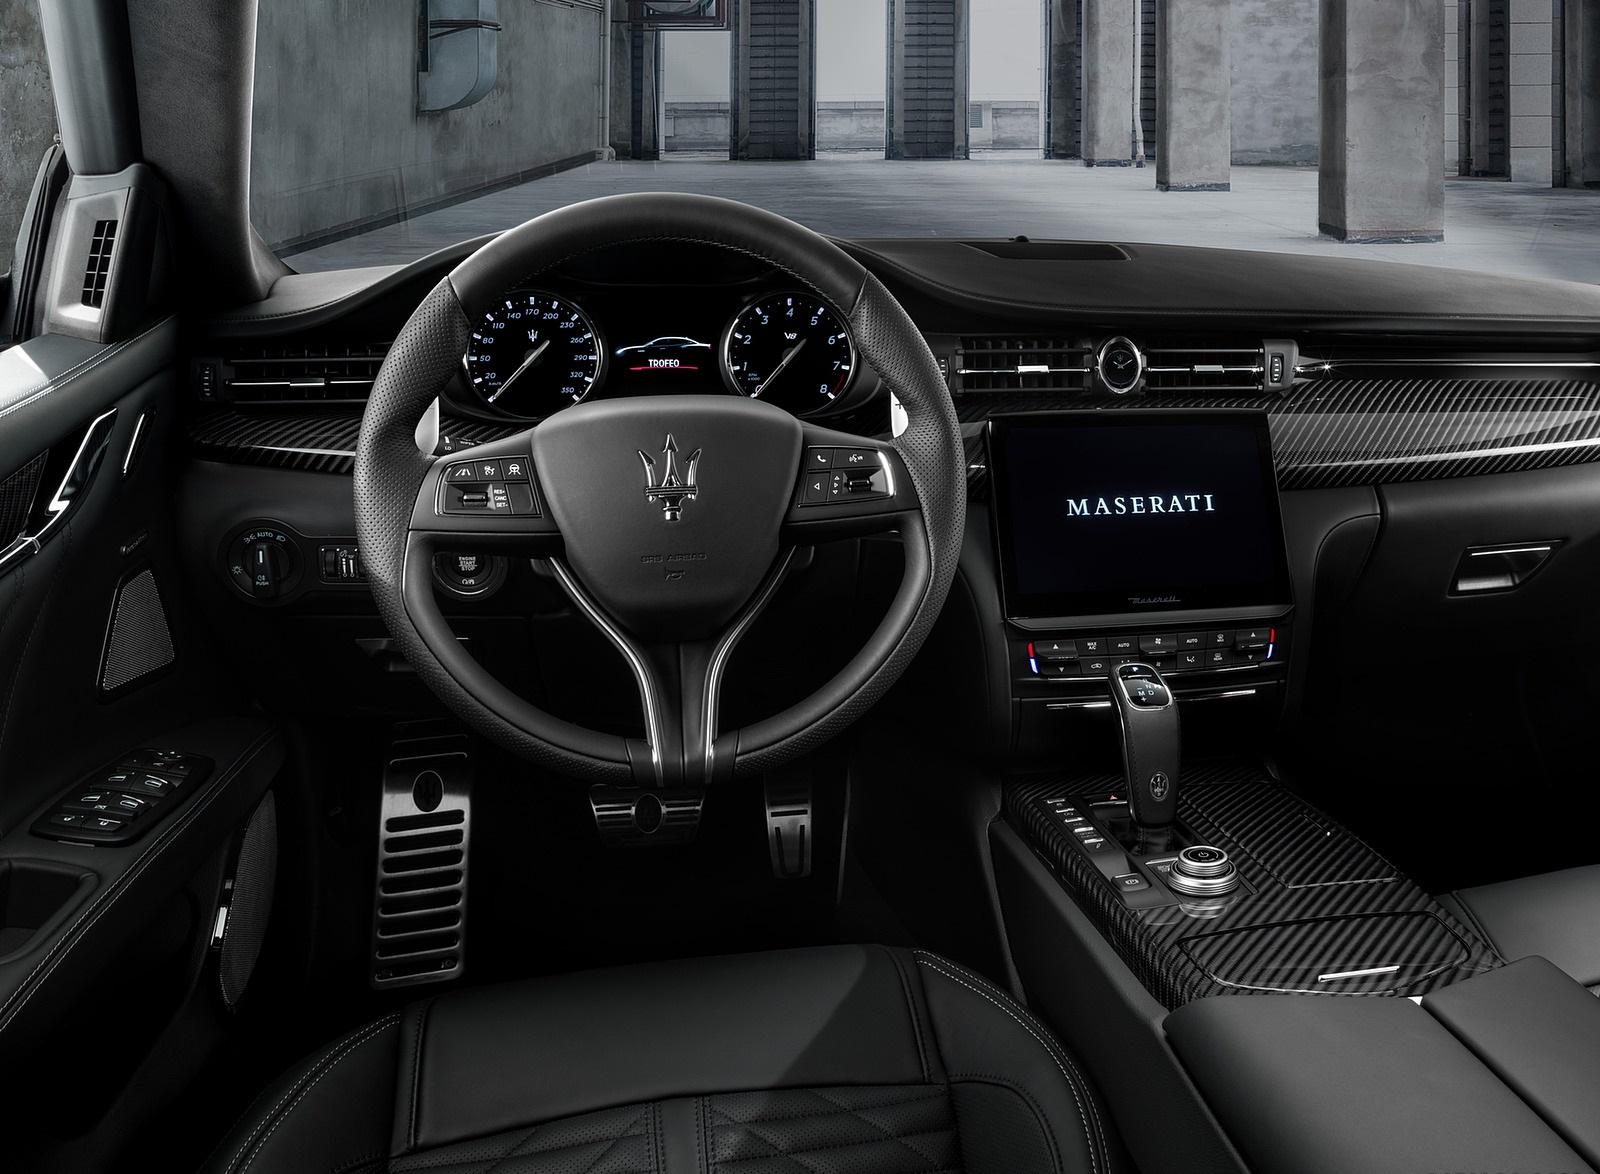 2021 Maserati Quattroporte Trofeo Interior Wallpapers (10)